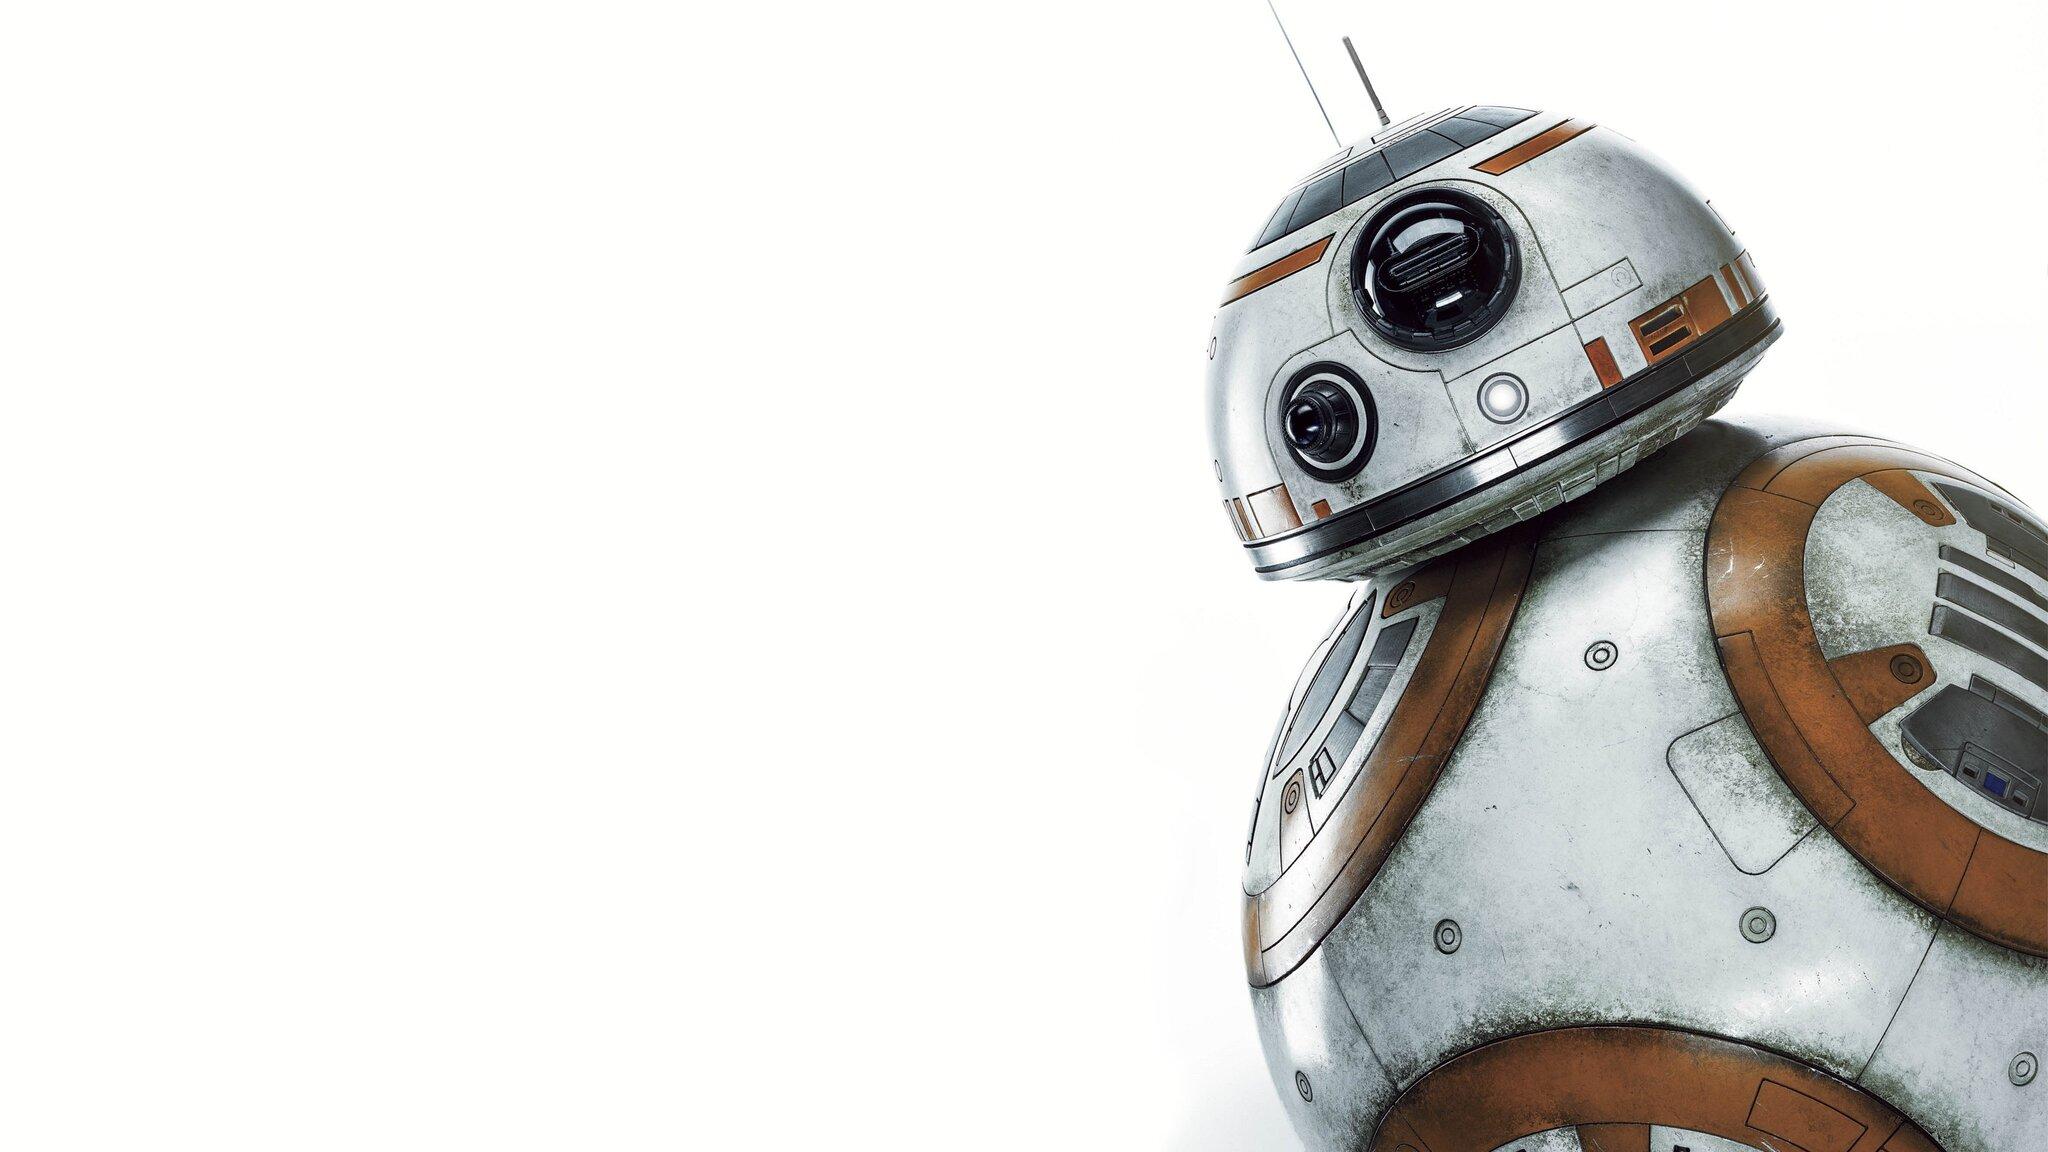 Cute Wallpapers  2048x1152 Star Wars Bb Droid 2048x1152 Resolution Hd 4k